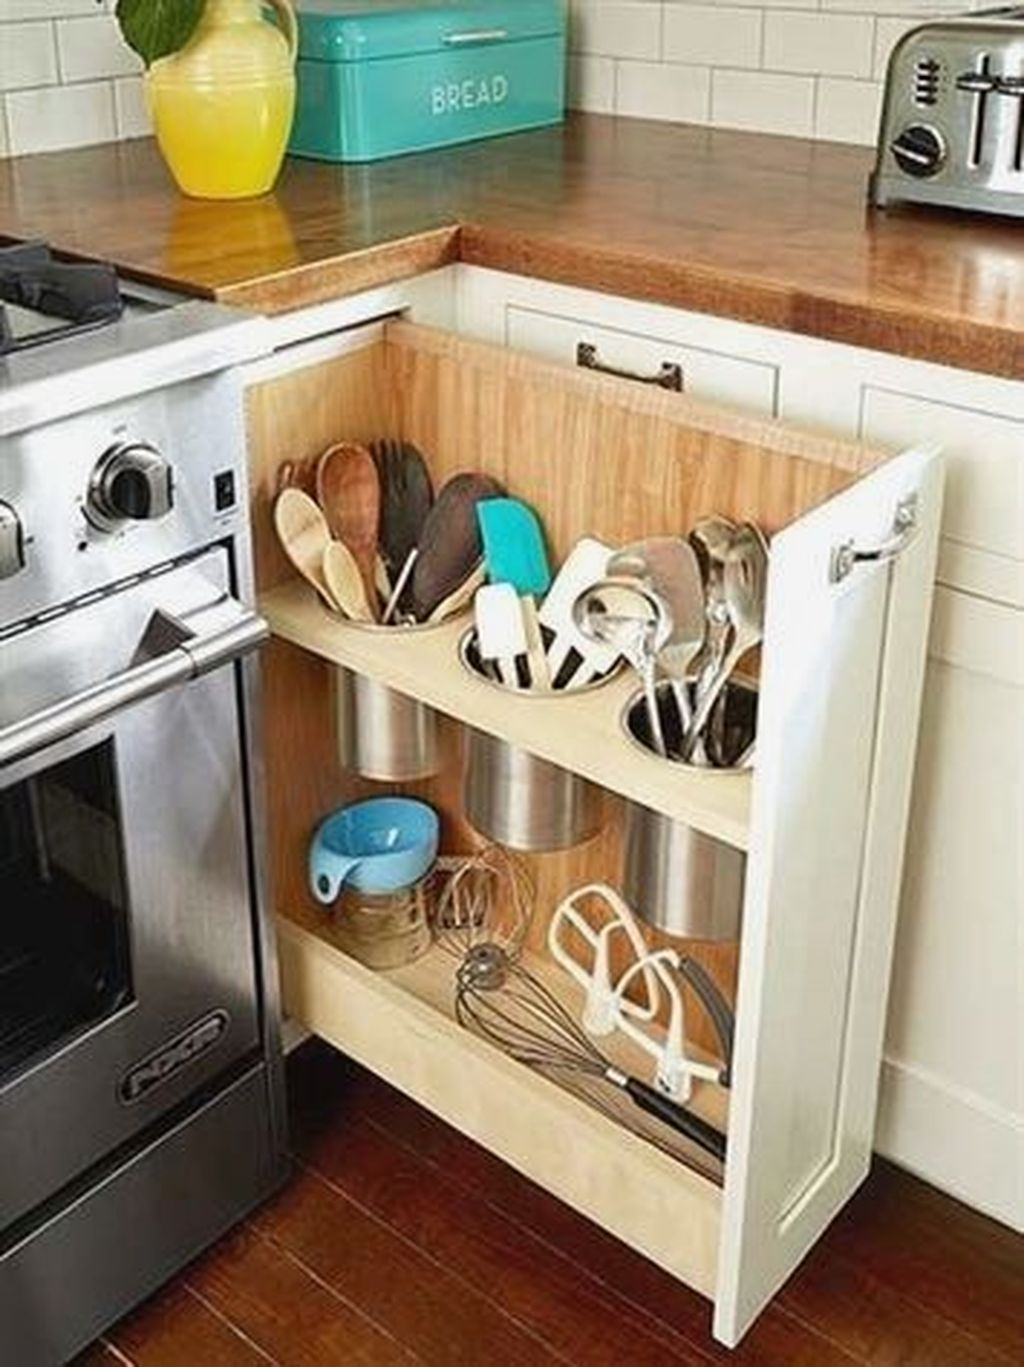 Amazing Organized Farmhouse Kitchen Decor Ideas 52